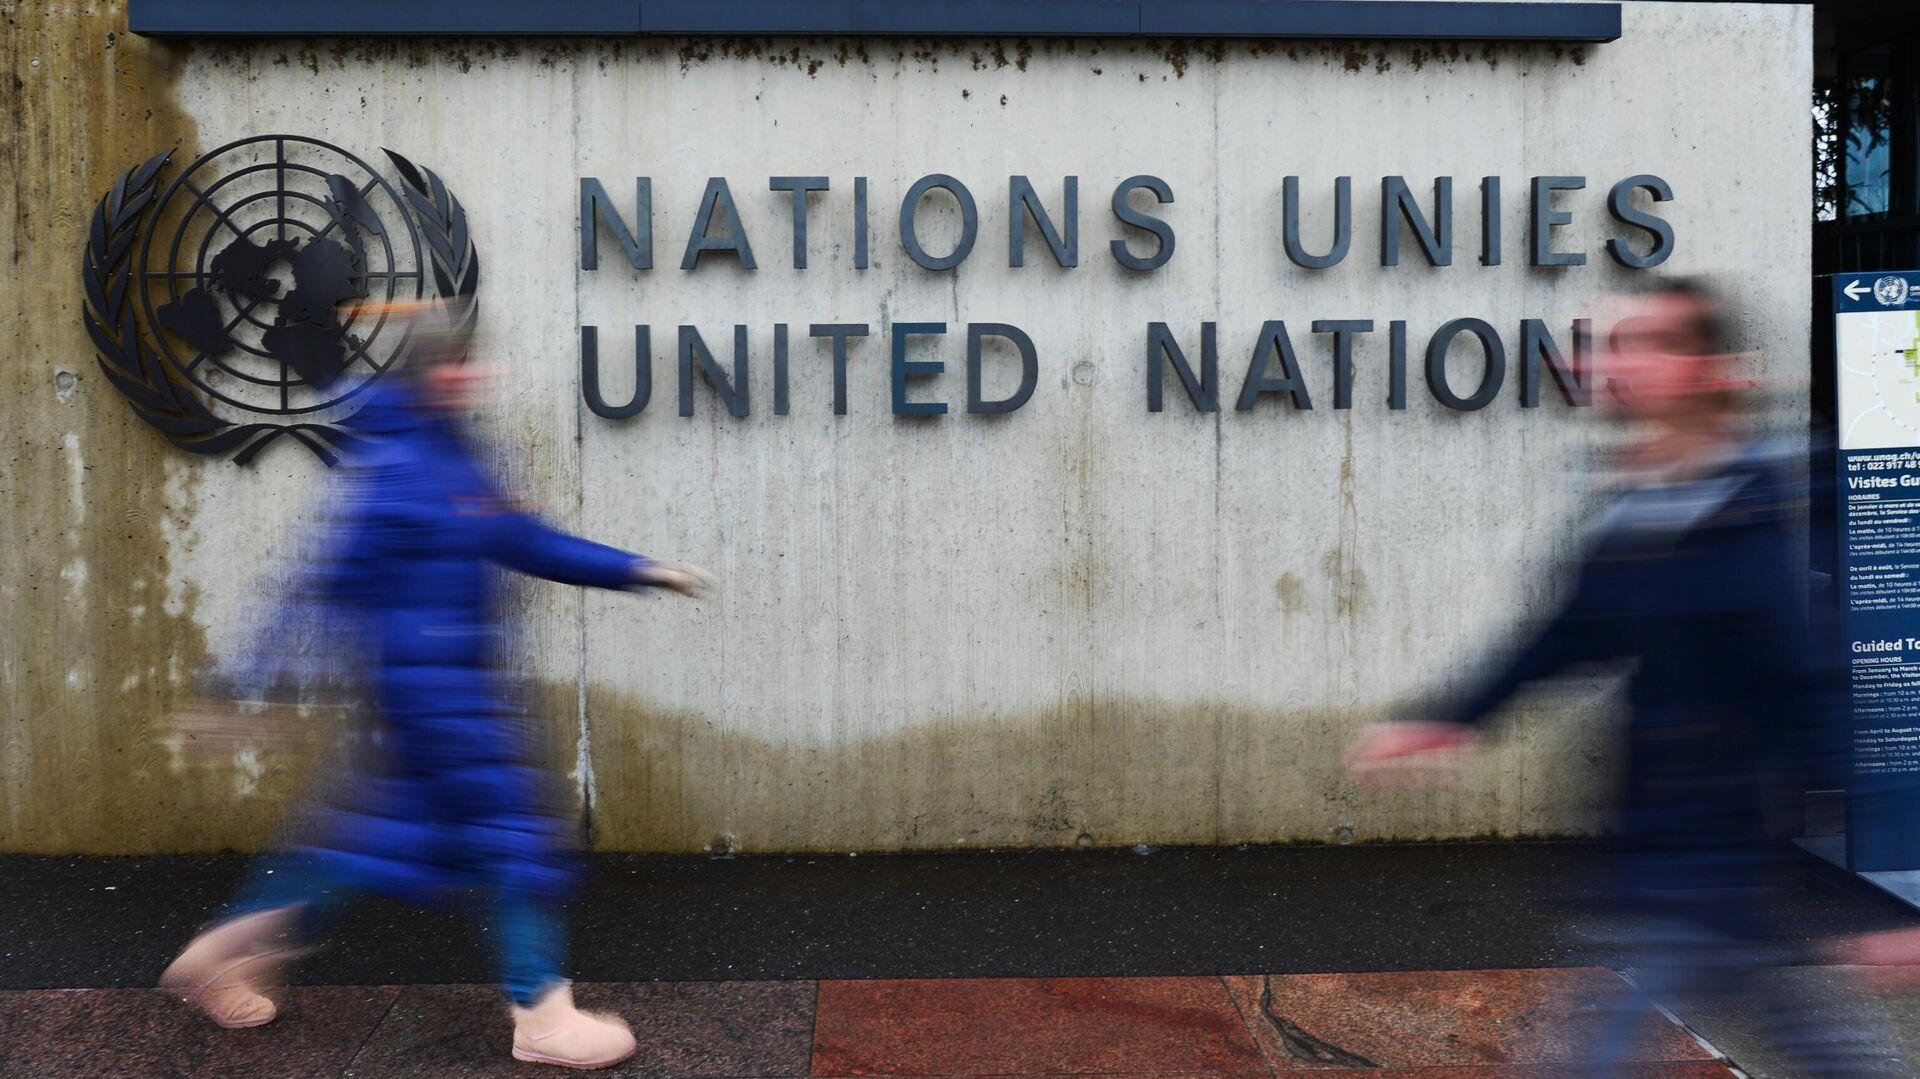 Эмблема Организации Объединенных Наций (ООН) на здании офиса ООН в Женеве - РИА Новости, 1920, 14.09.2020